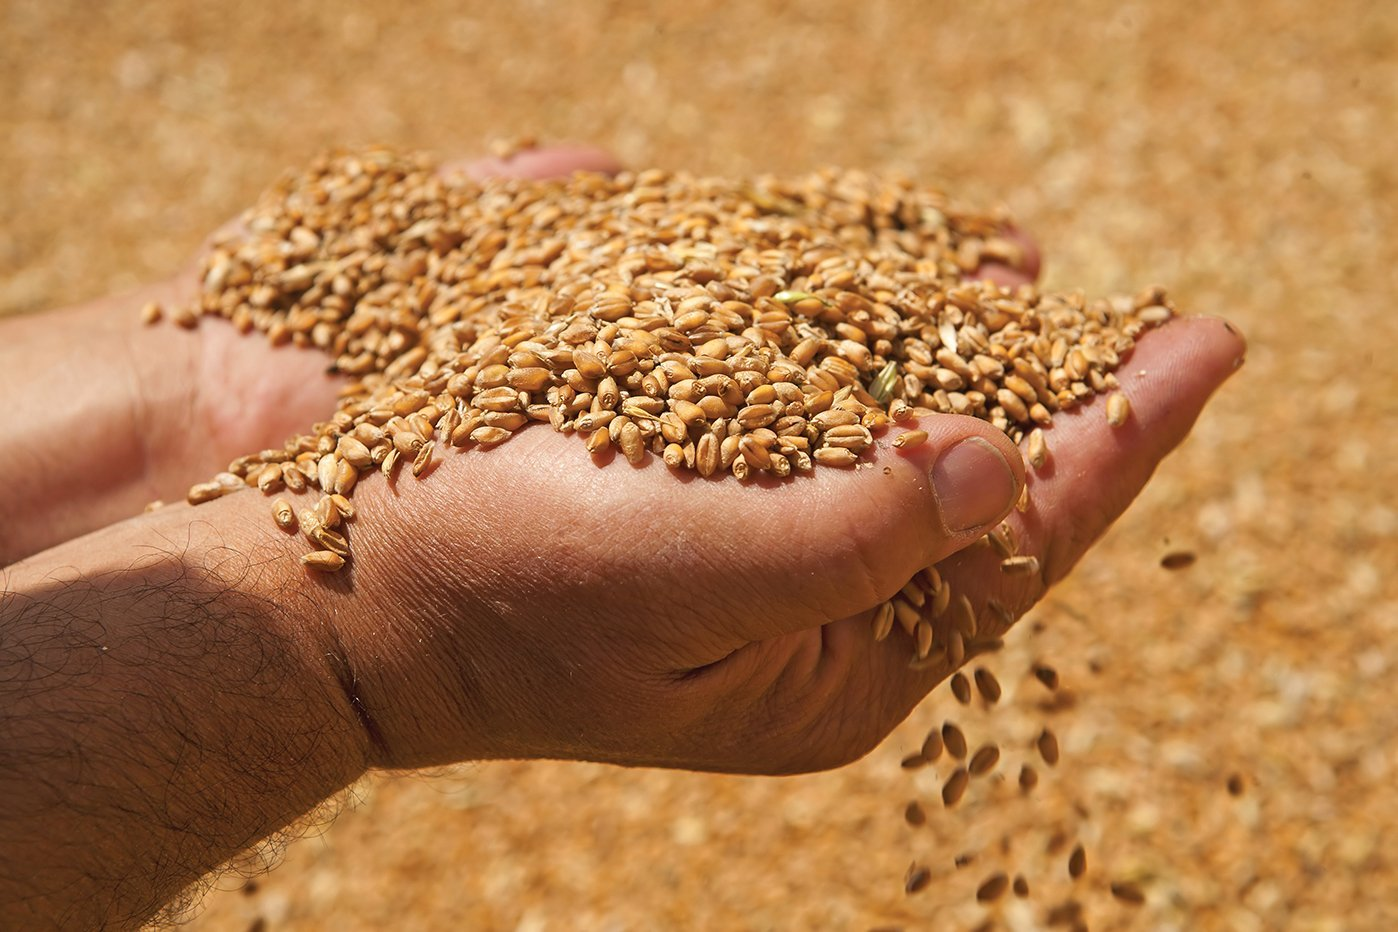 В Украине отравили зерно, люди массово погибают